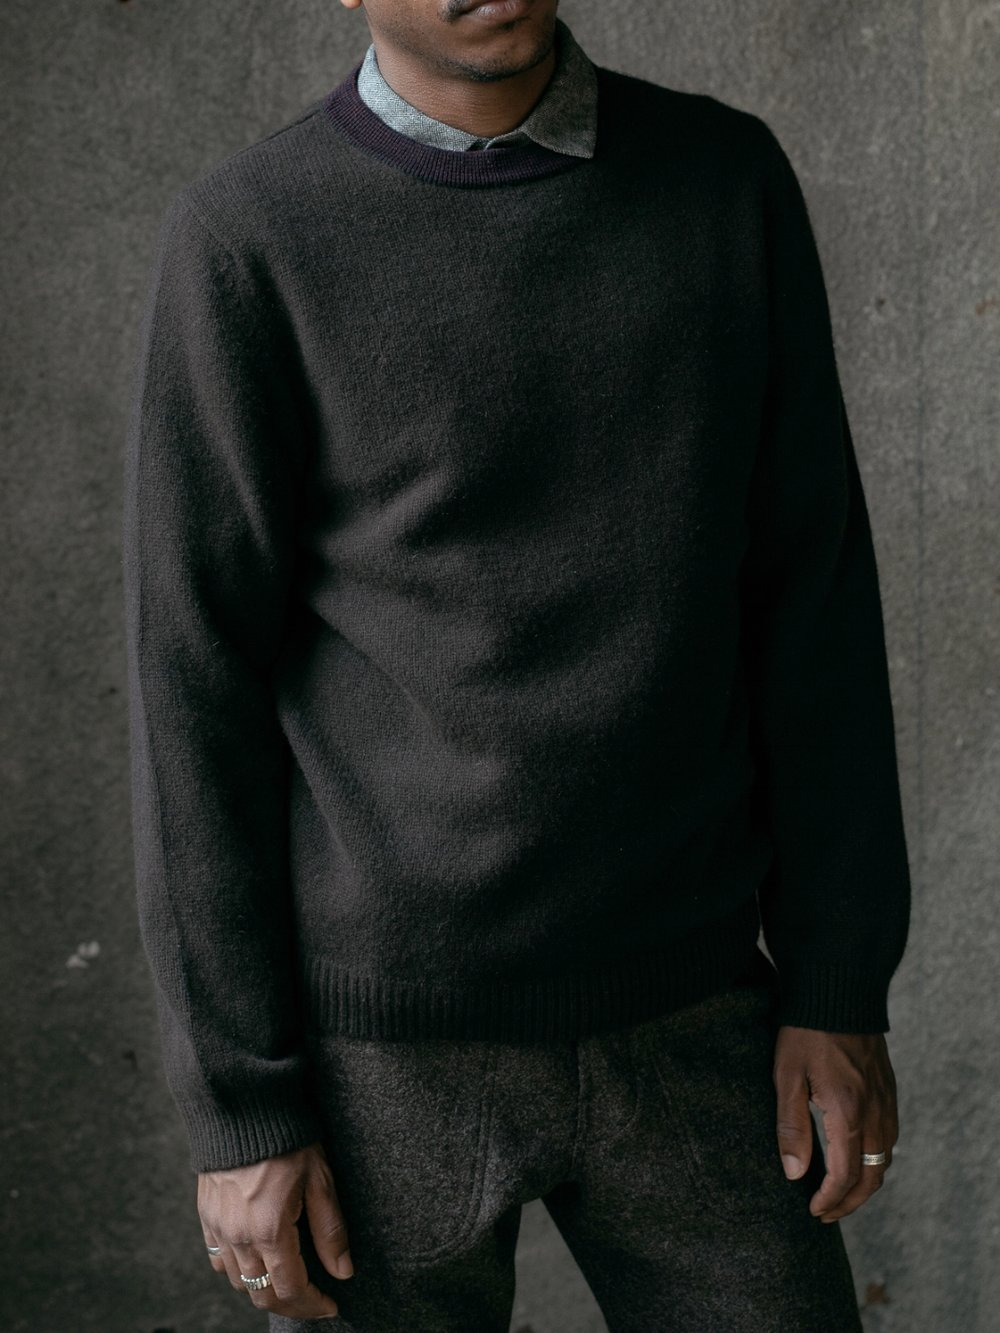 evan-kinori-stripe-collar-sweater-brown-cashmere-lambswool-fall-2017-5